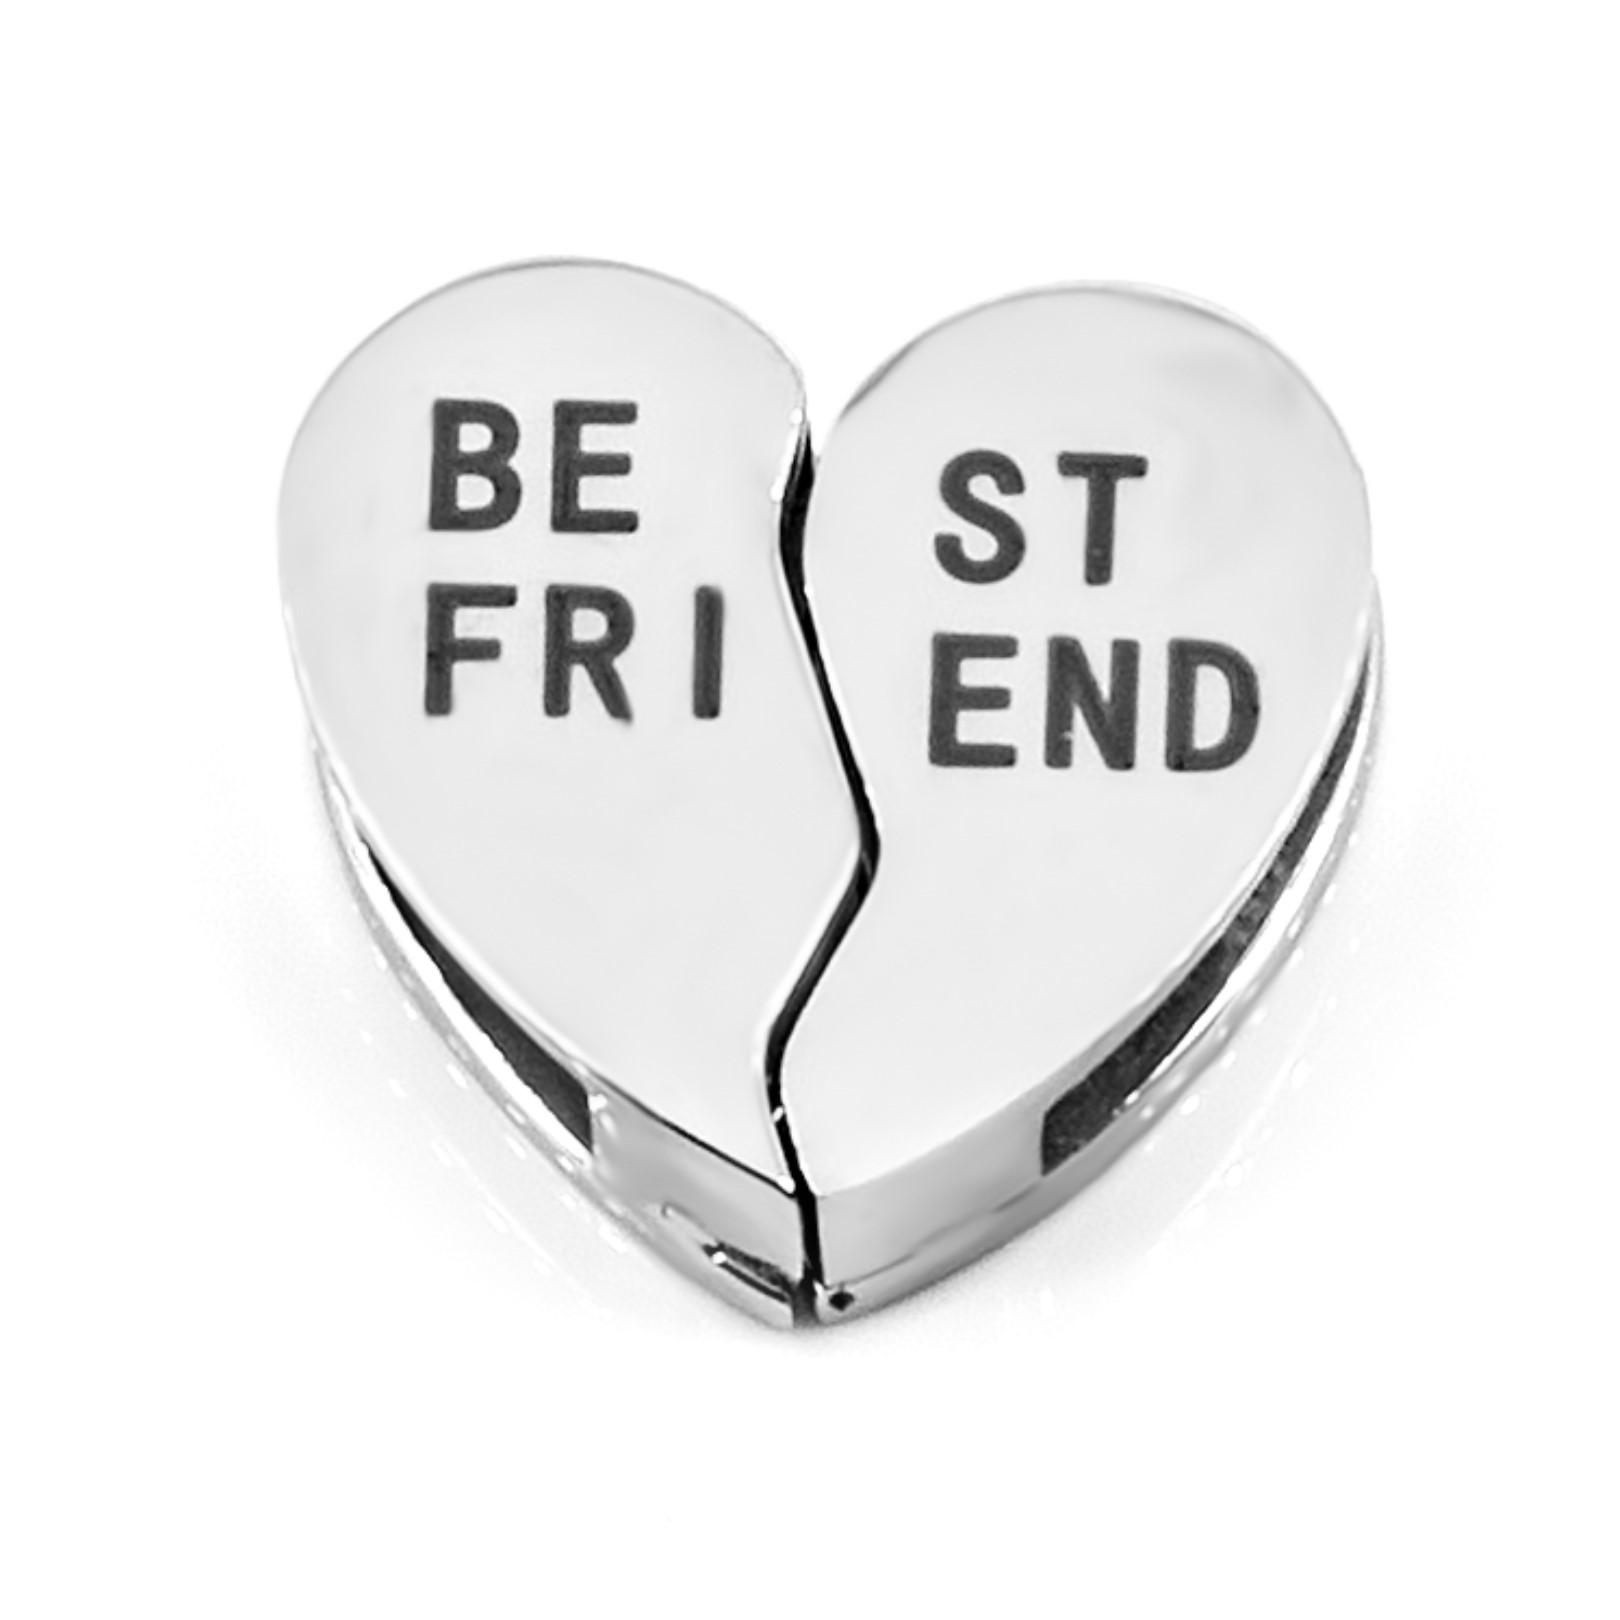 BRUNO Přívěsek na plochý náramek BEST FRIEND S3606